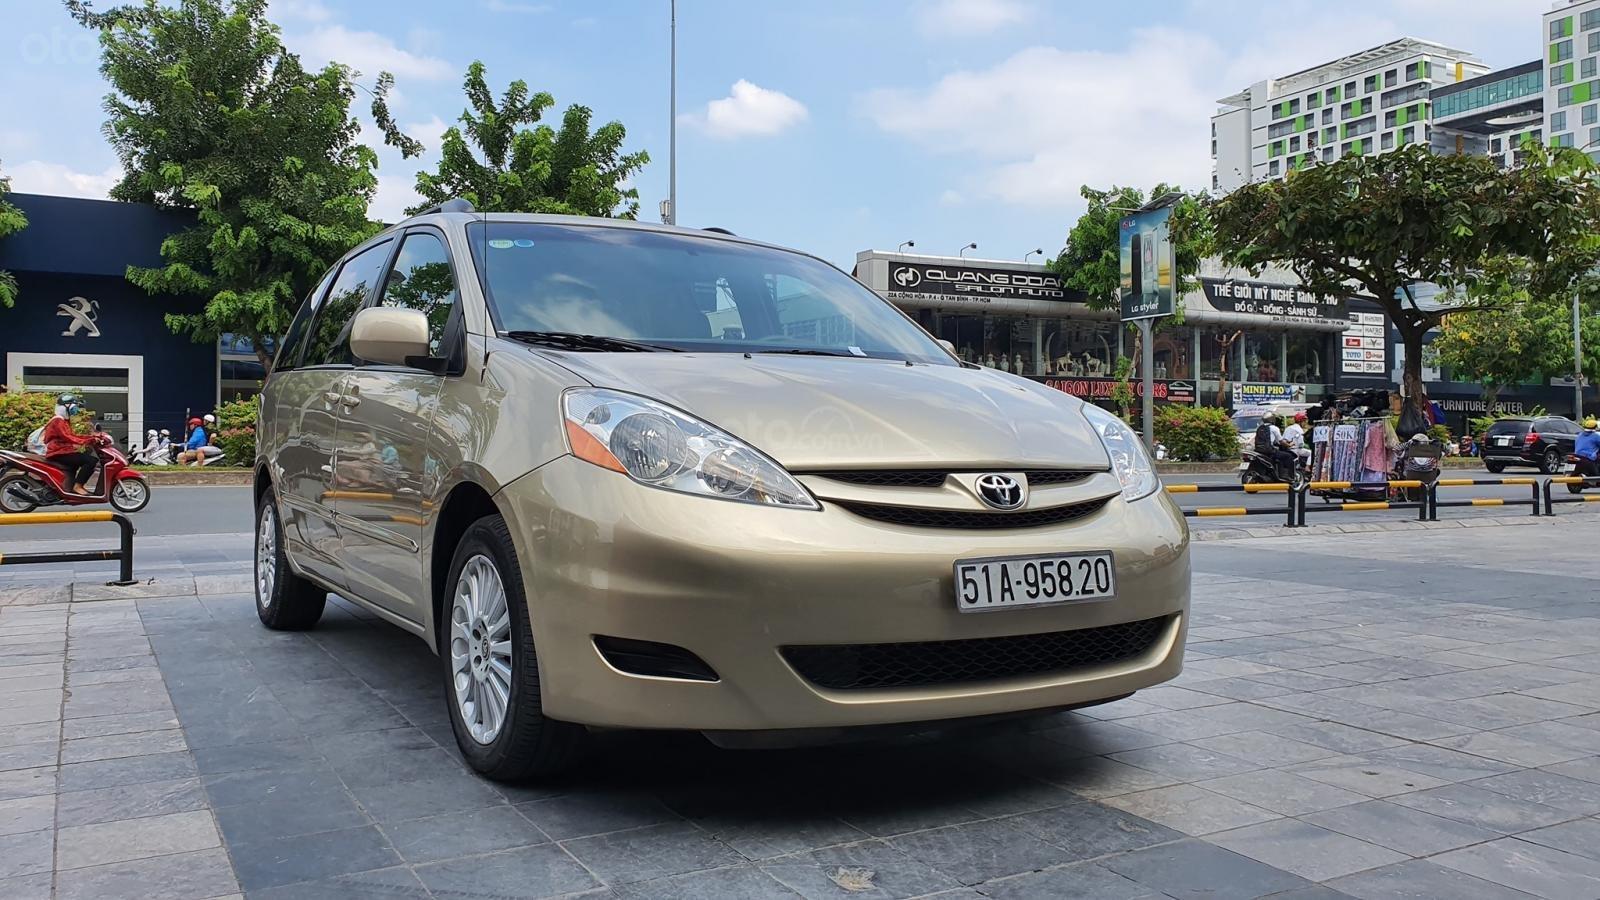 Cần bán xe Toyota Sienna LE 3.5 sản xuất 2008 màu vàng, nhập khẩu (11)